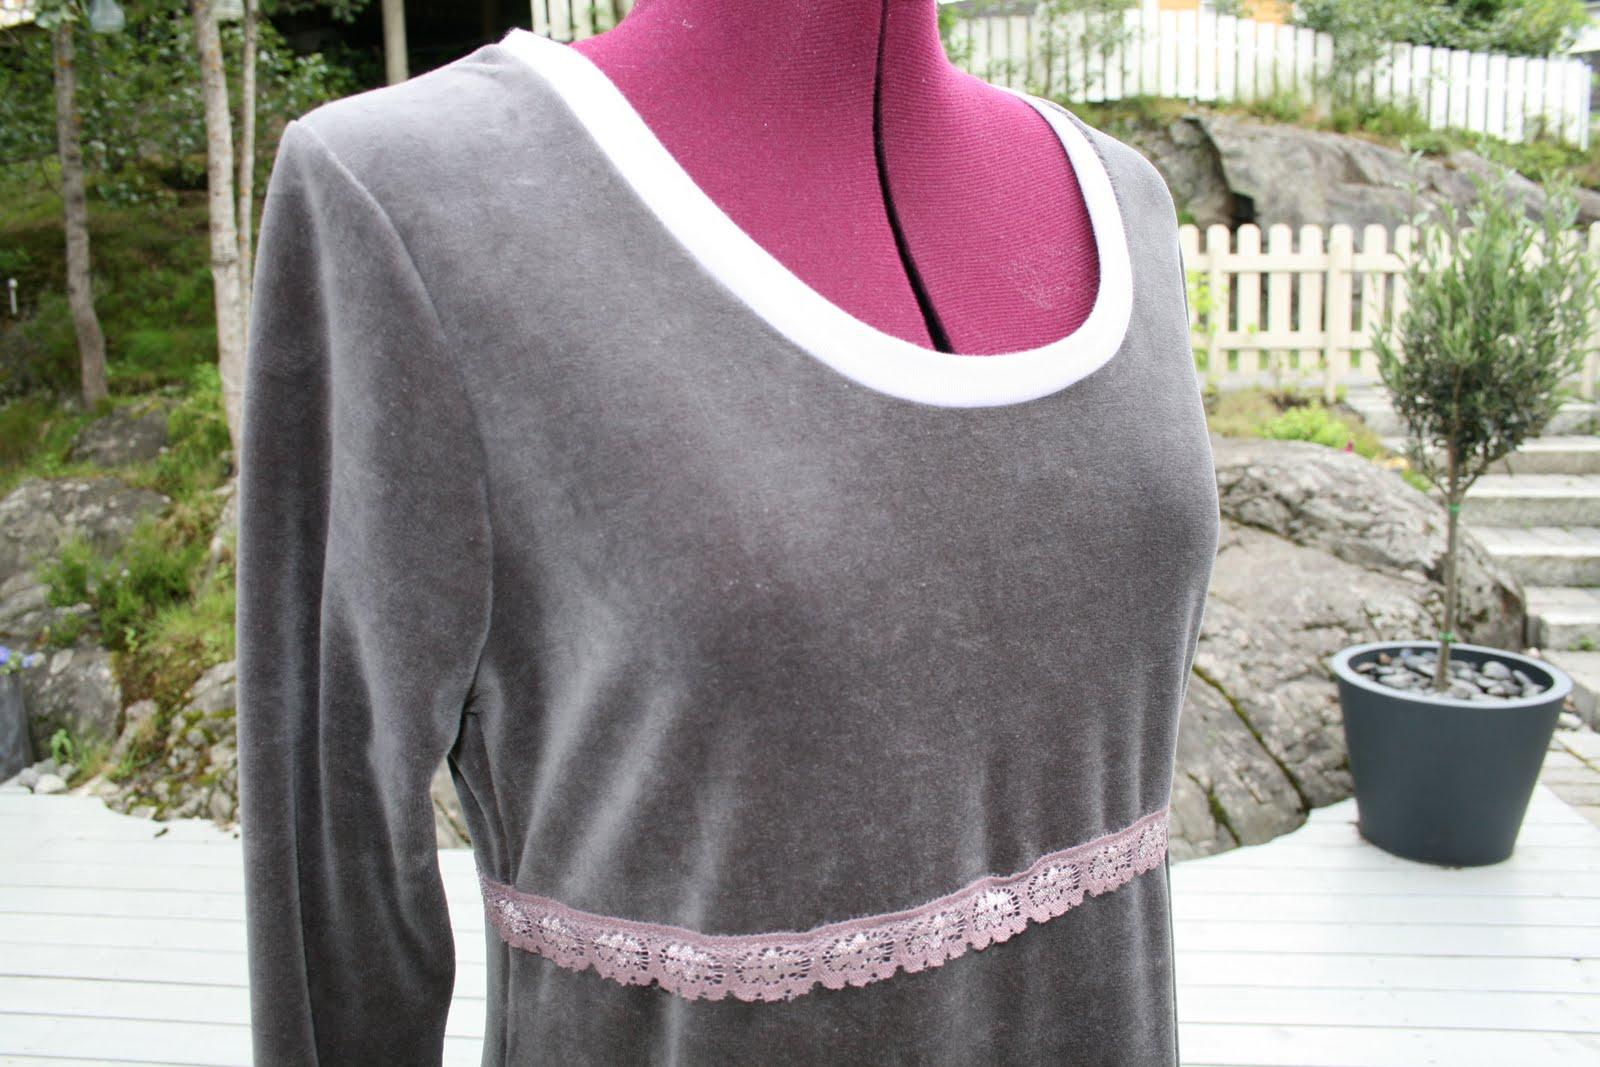 dba5f8580974 Langermet chenille-kjole i fargen støvet lilla. Lys lilla blonde i midjen